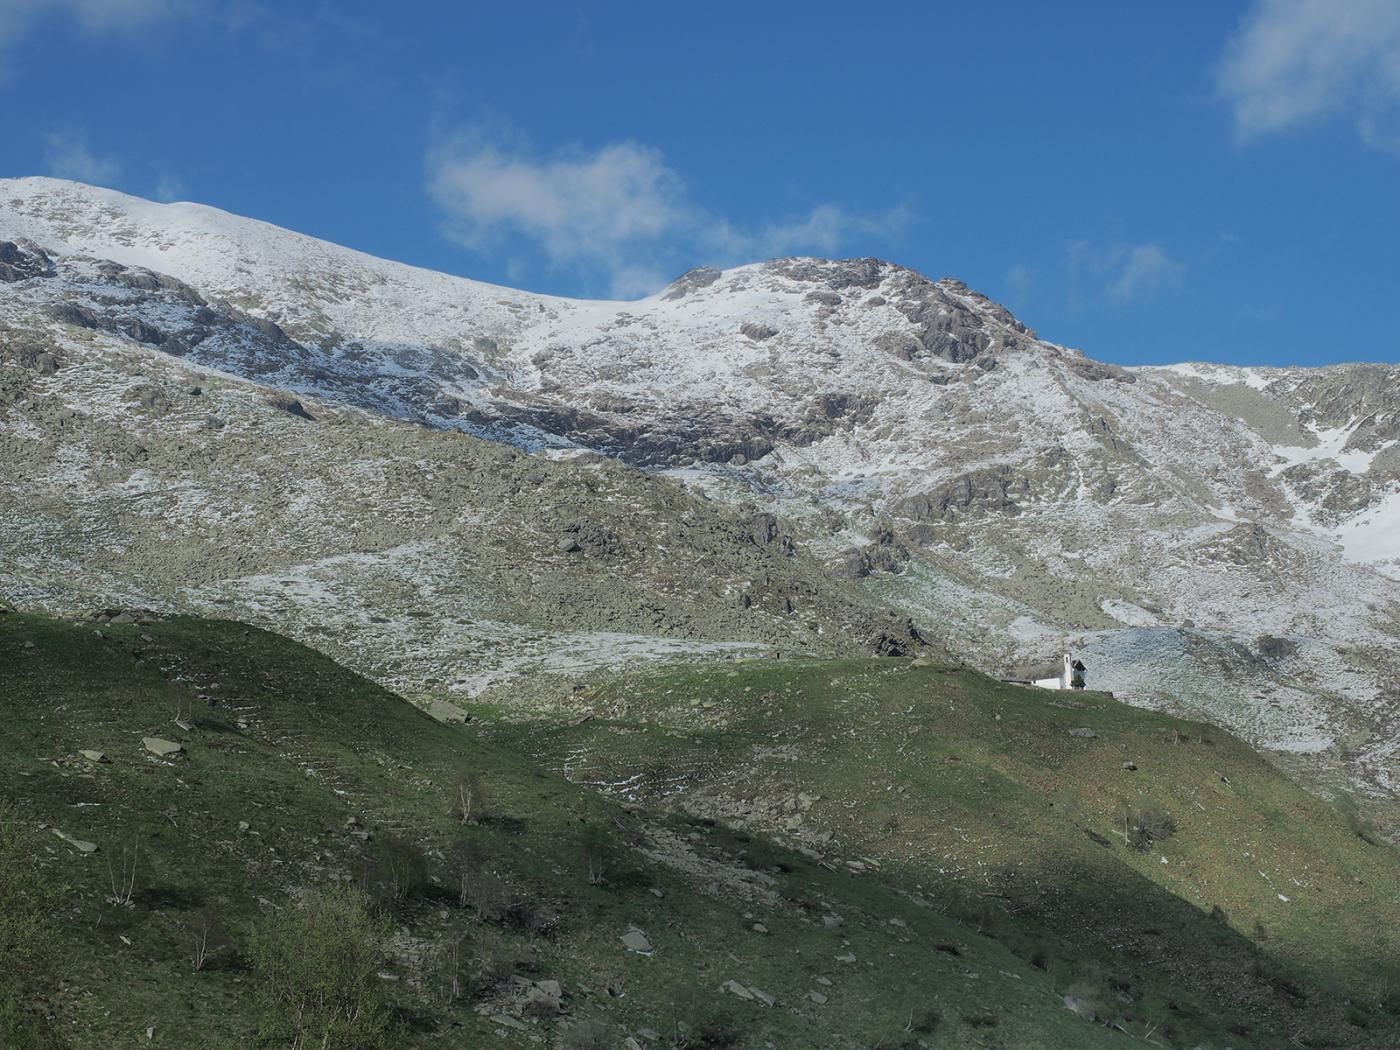 Recente nevicata intorno al santuario